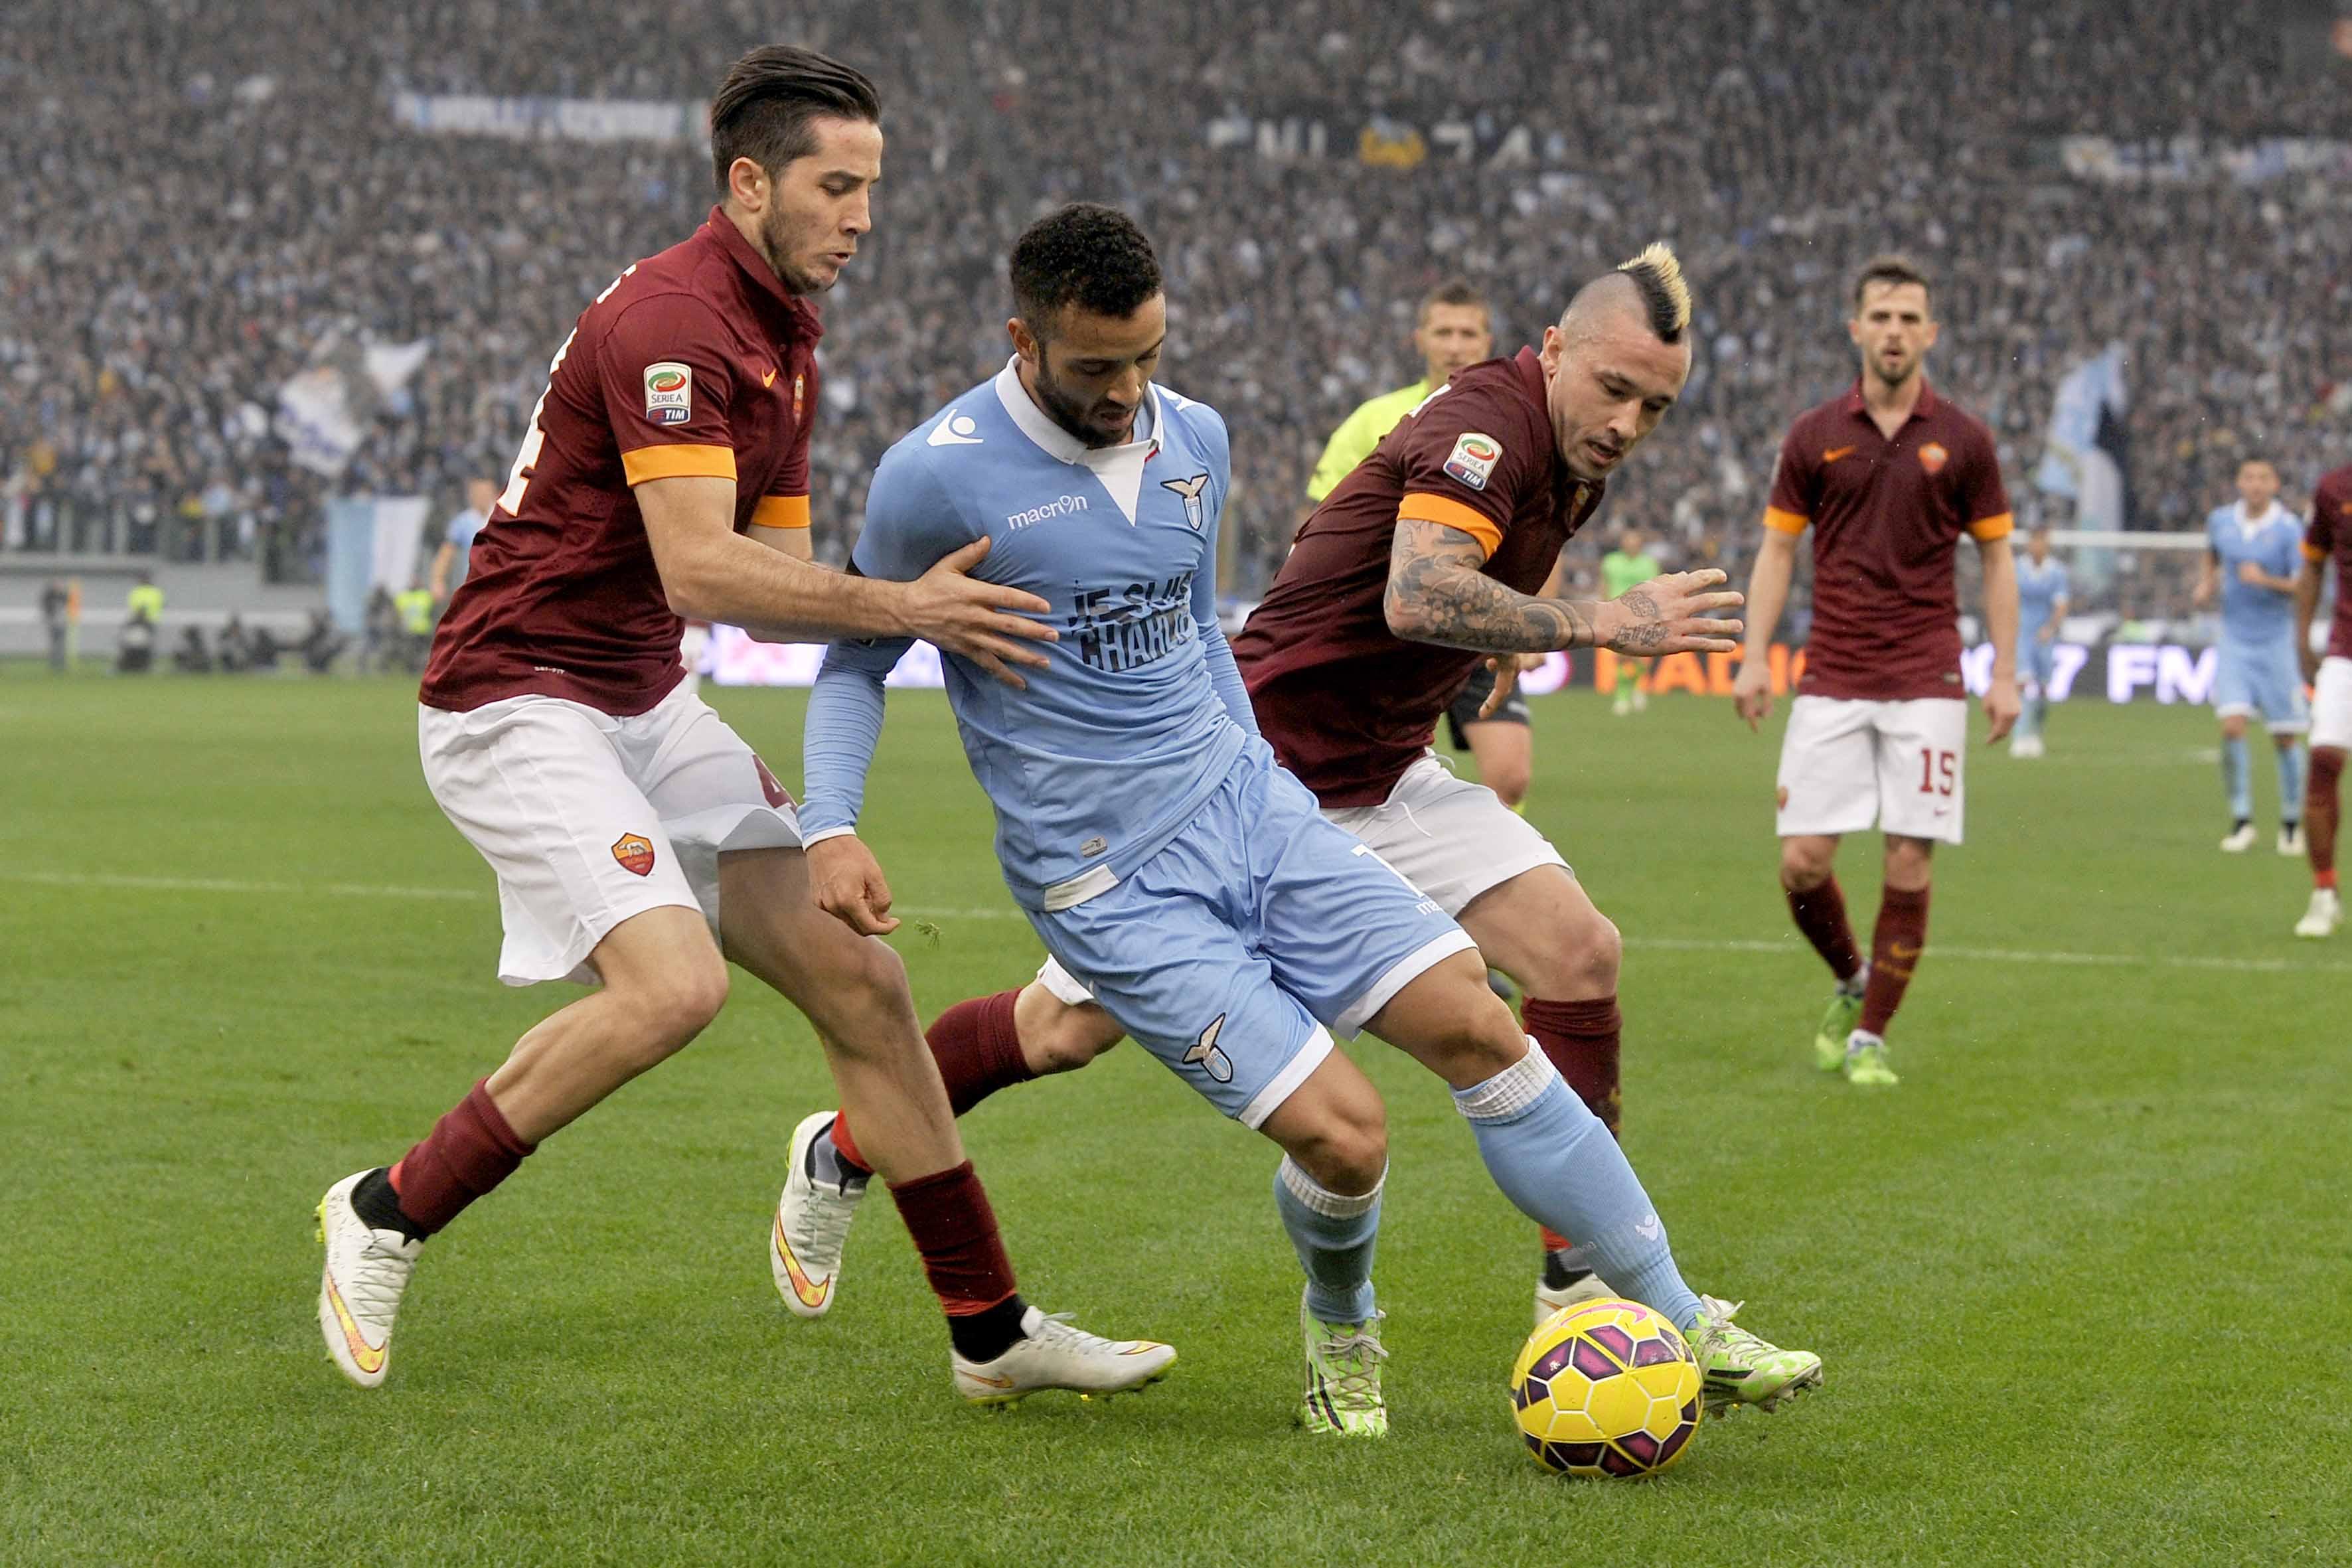 Calcio, finanza, potere. Il pallone è una bolla gonfia da scoppiare – Roberto Pecchioli